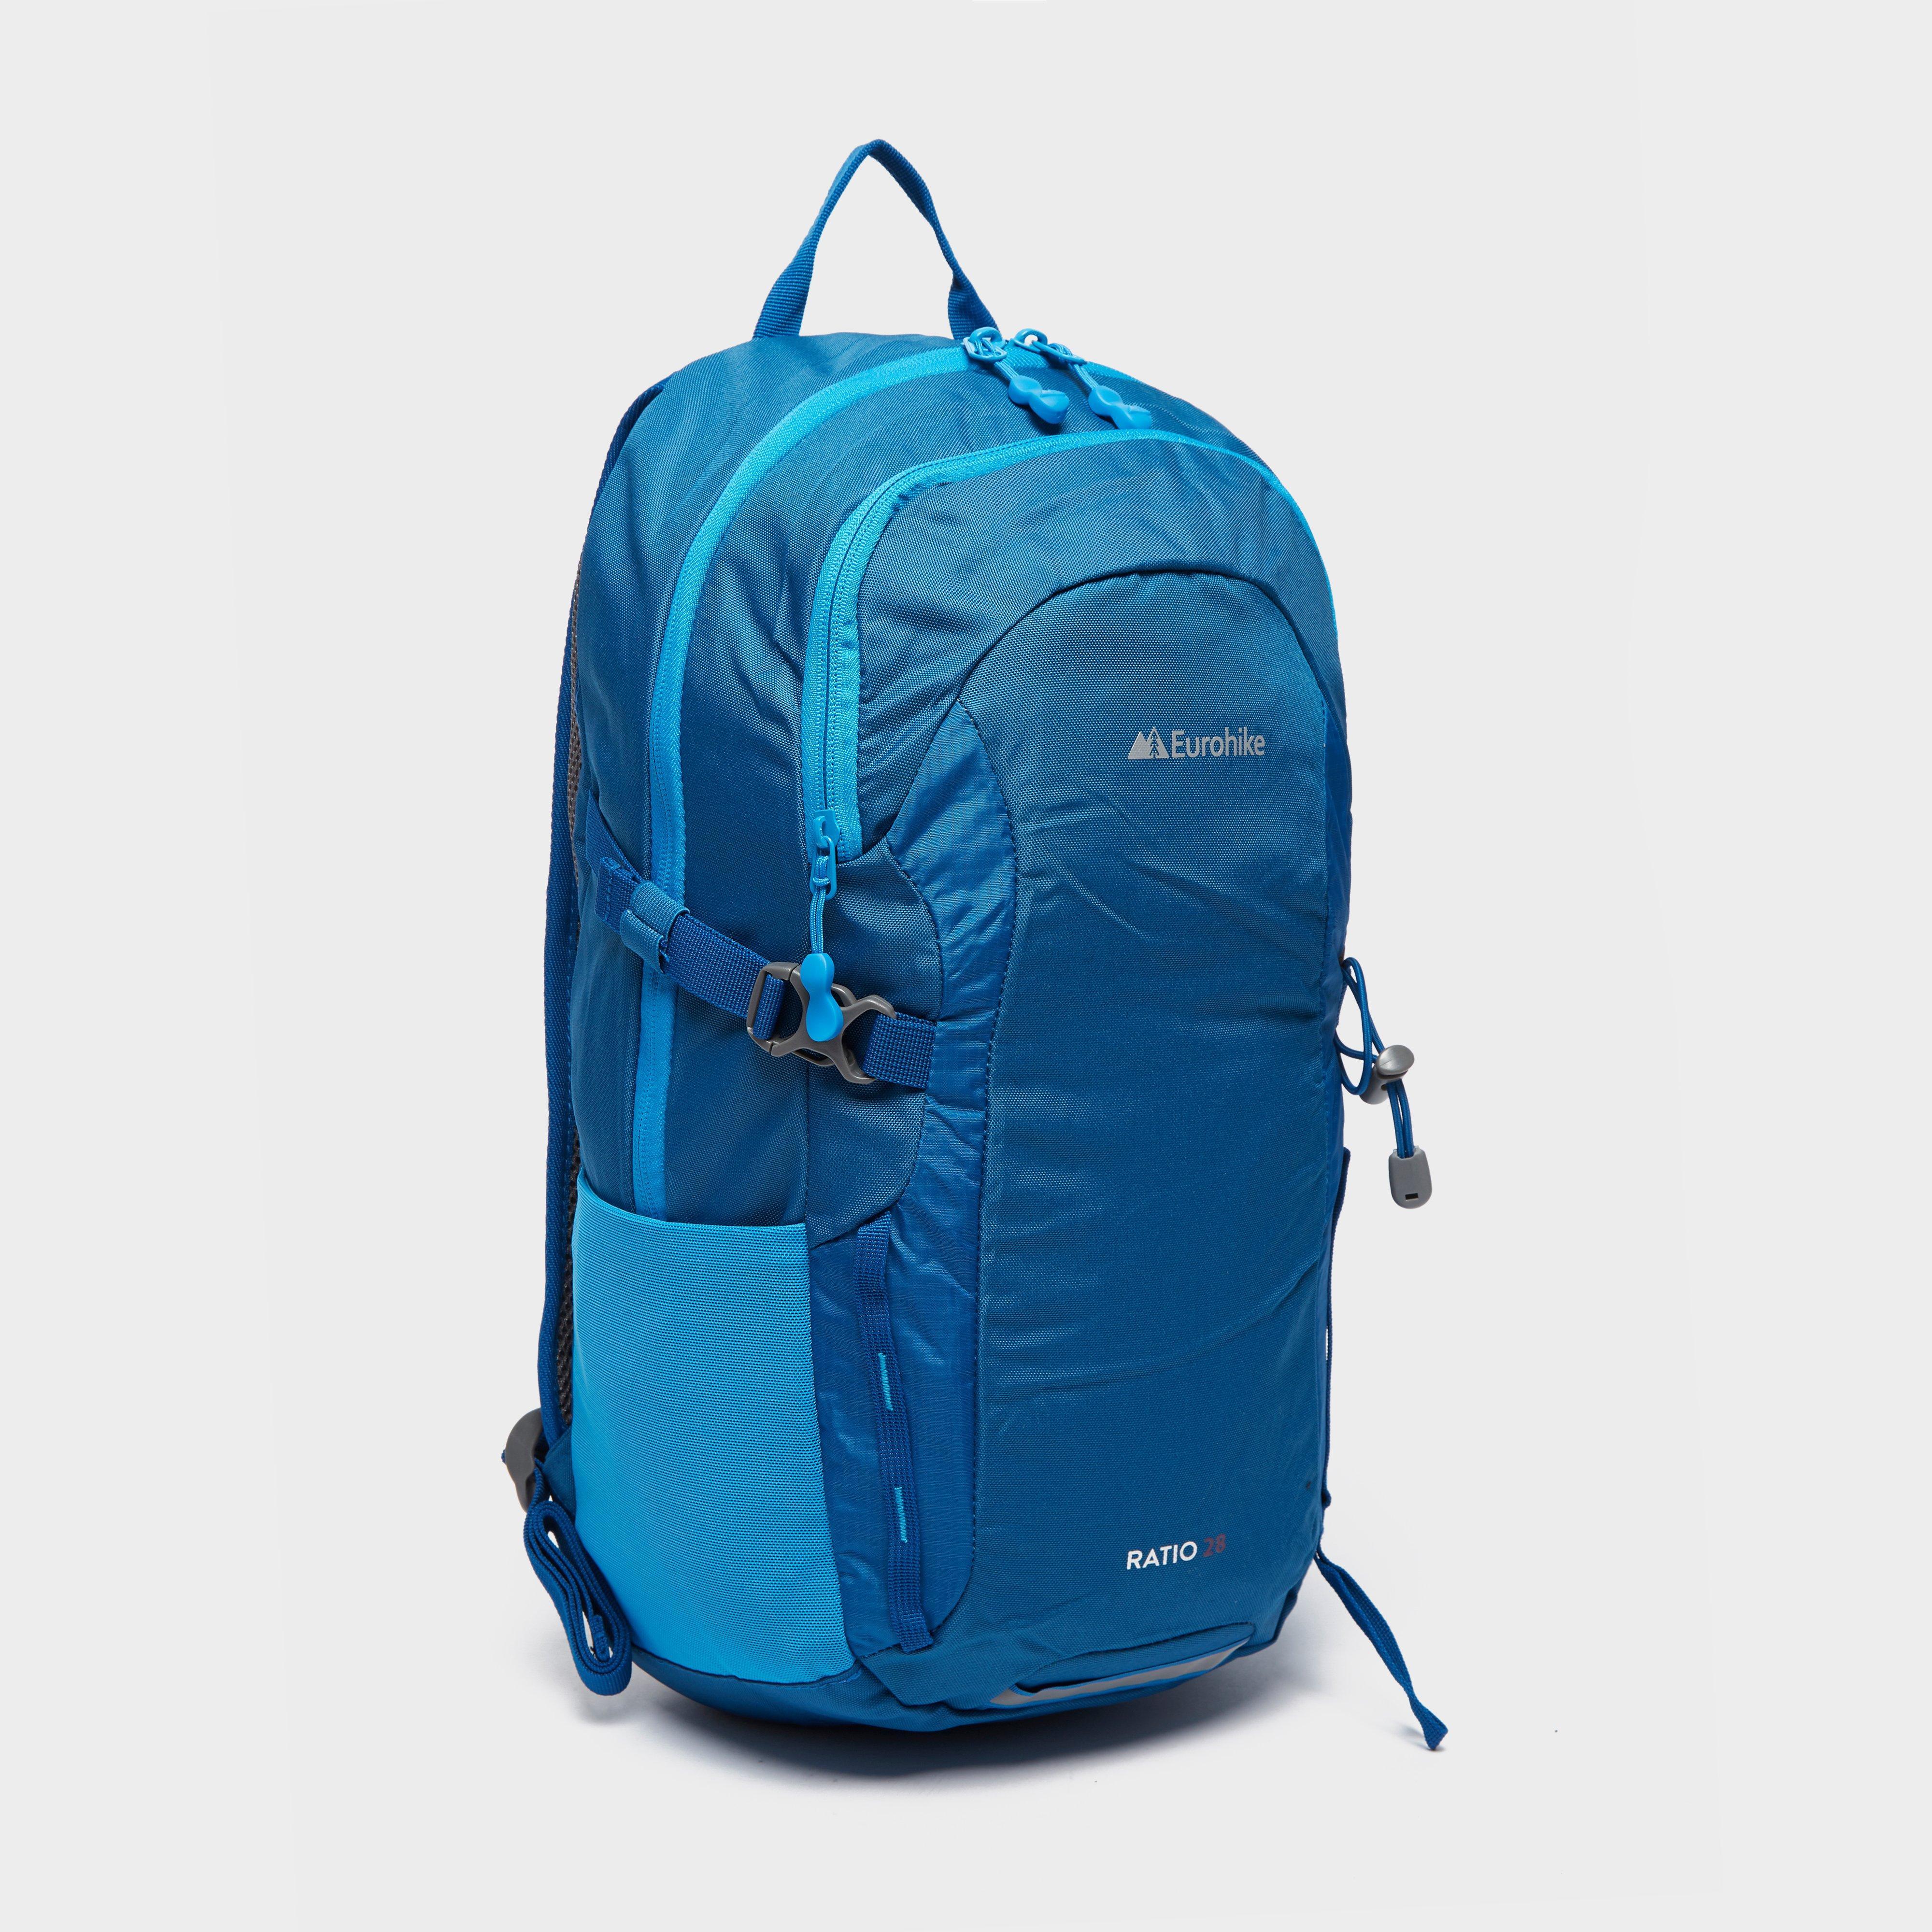 Eurohike Eurohike Ratio 28 Daypack, Blue